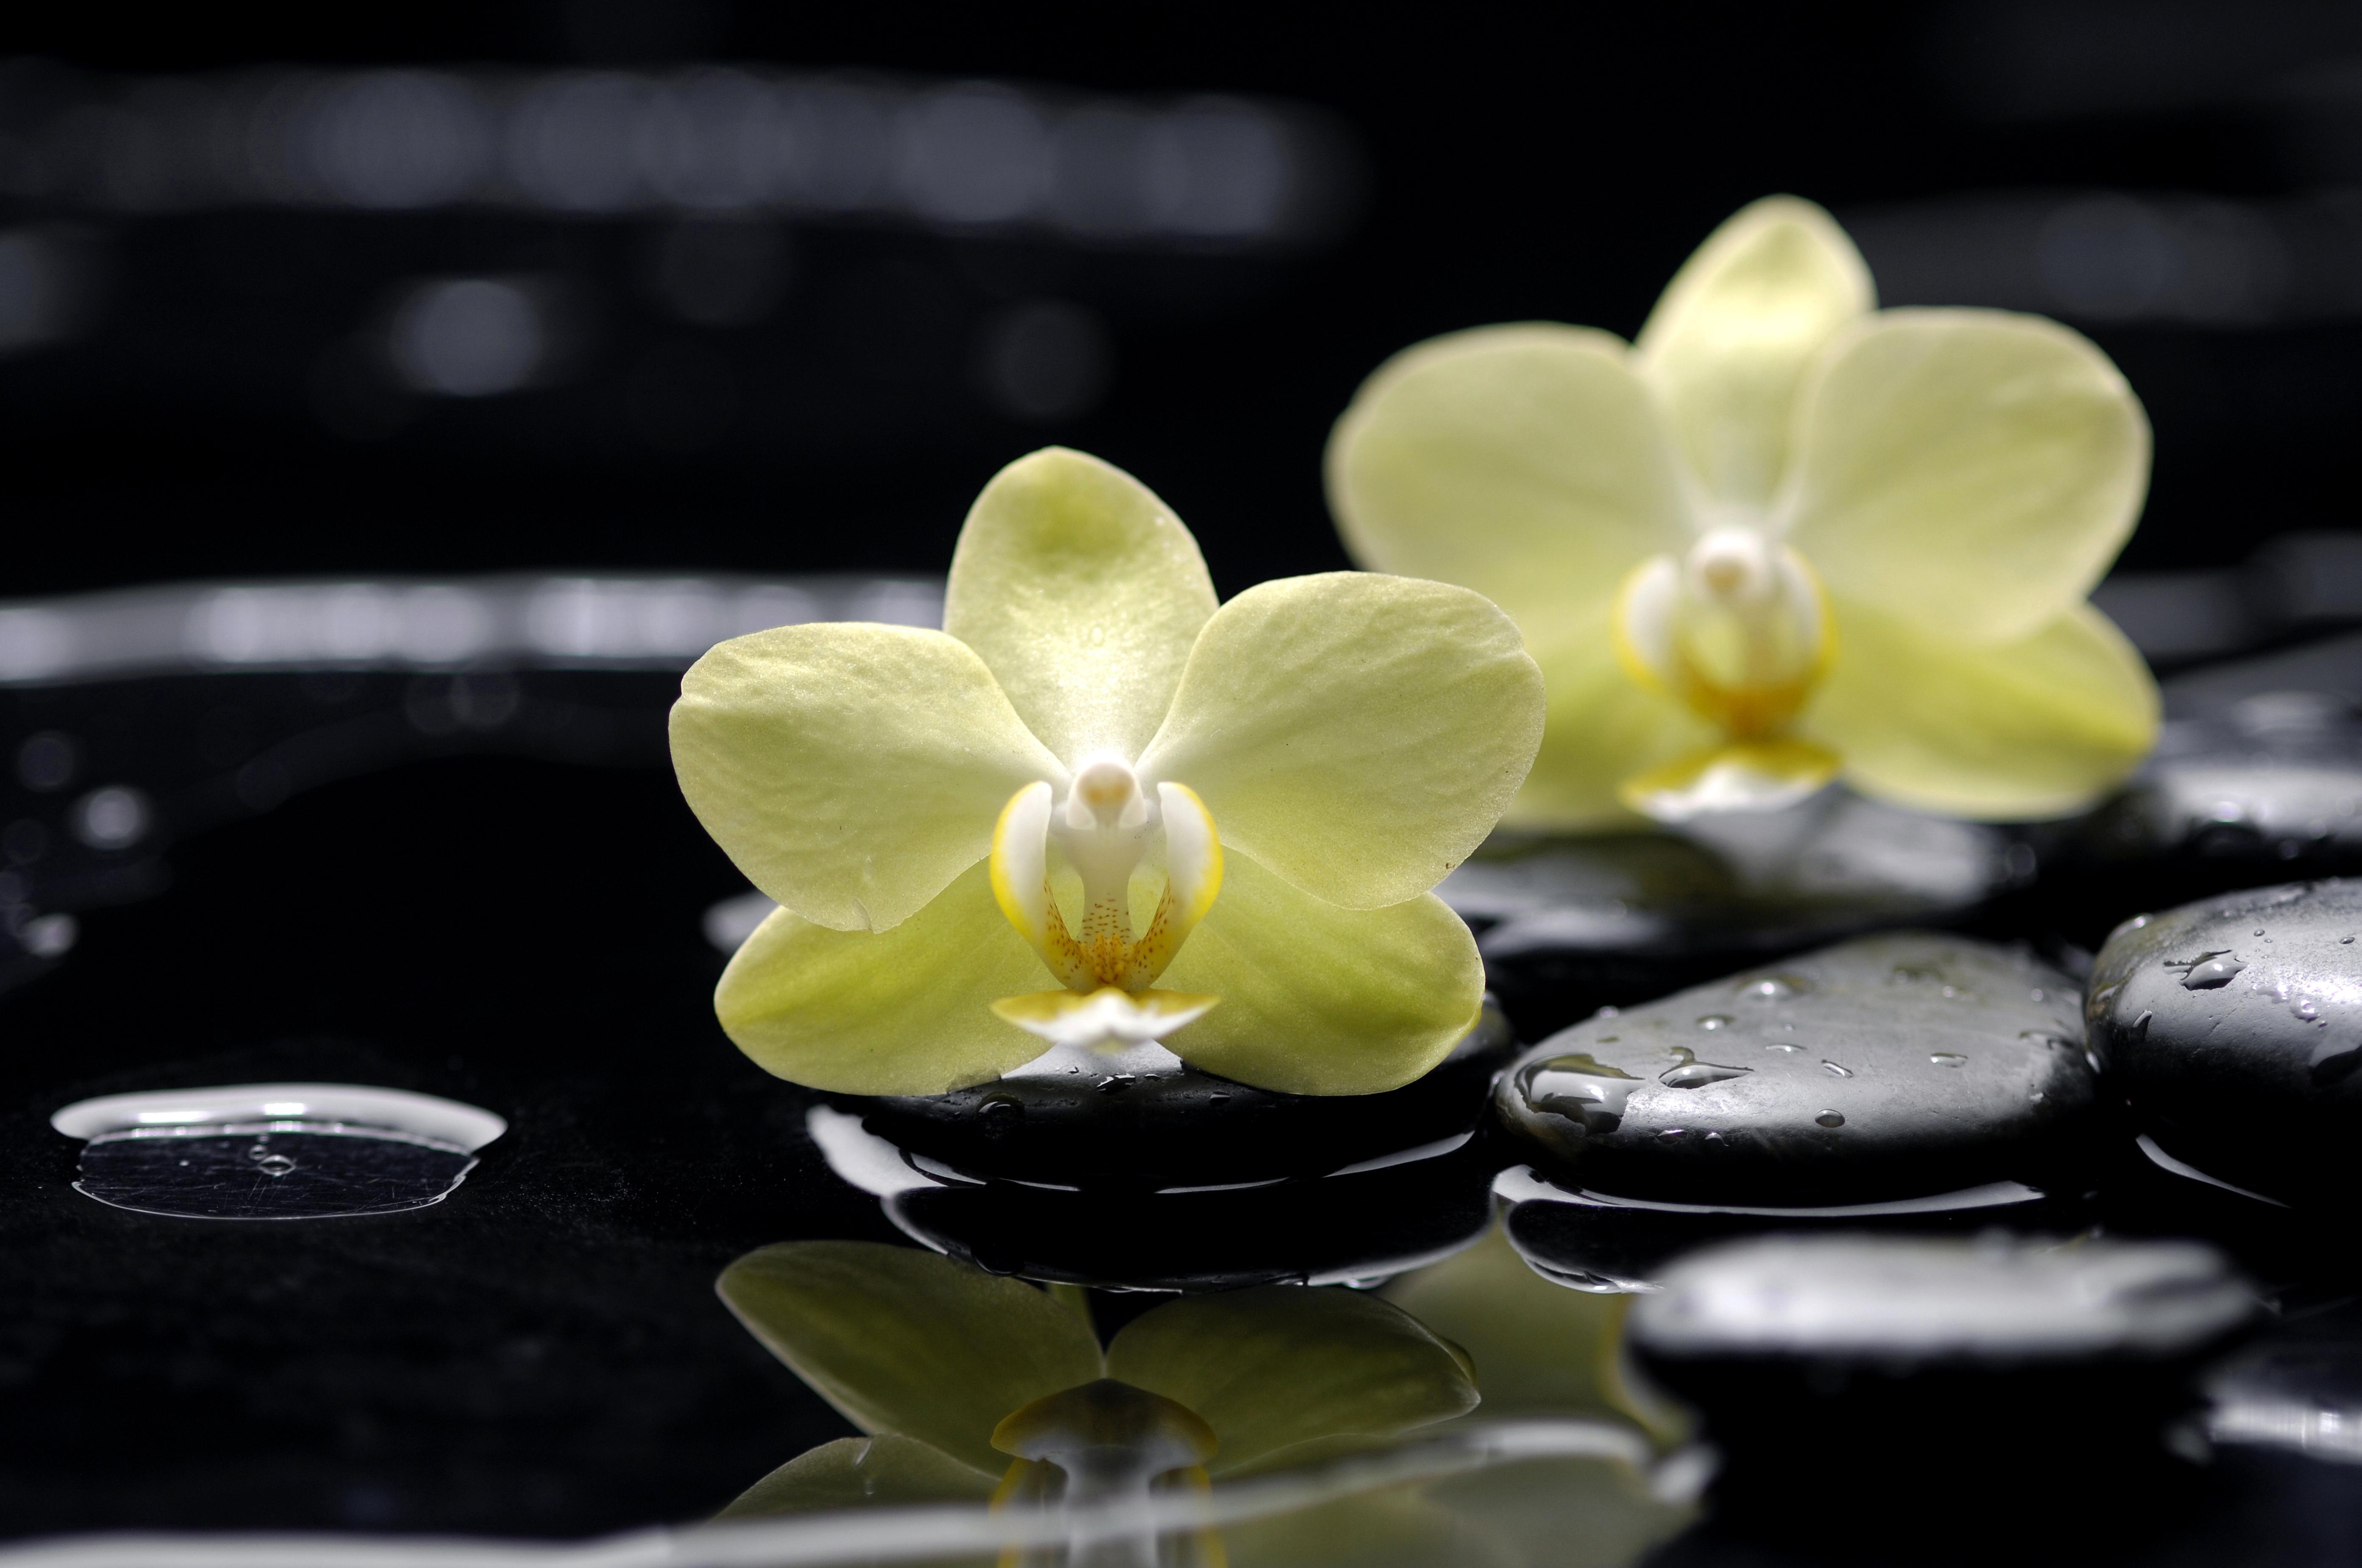 Фото желтой ламборджини сбоку в высоком разрешении идея панорамного